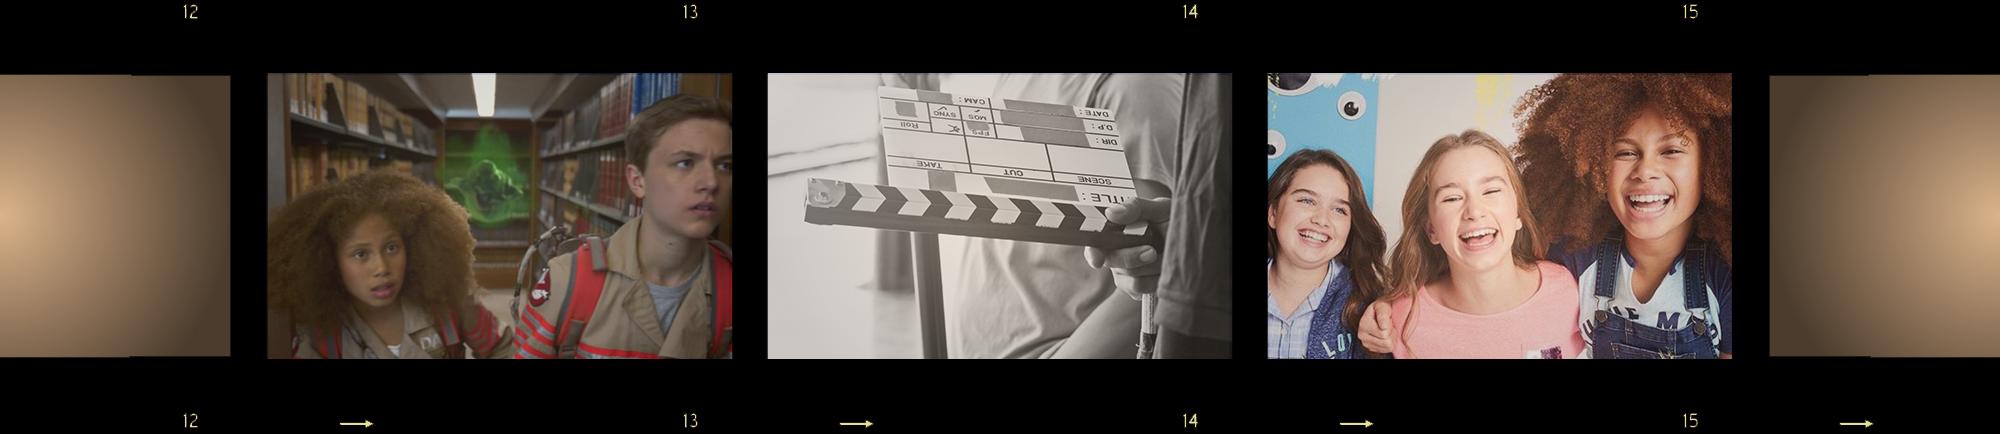 sonia film.png